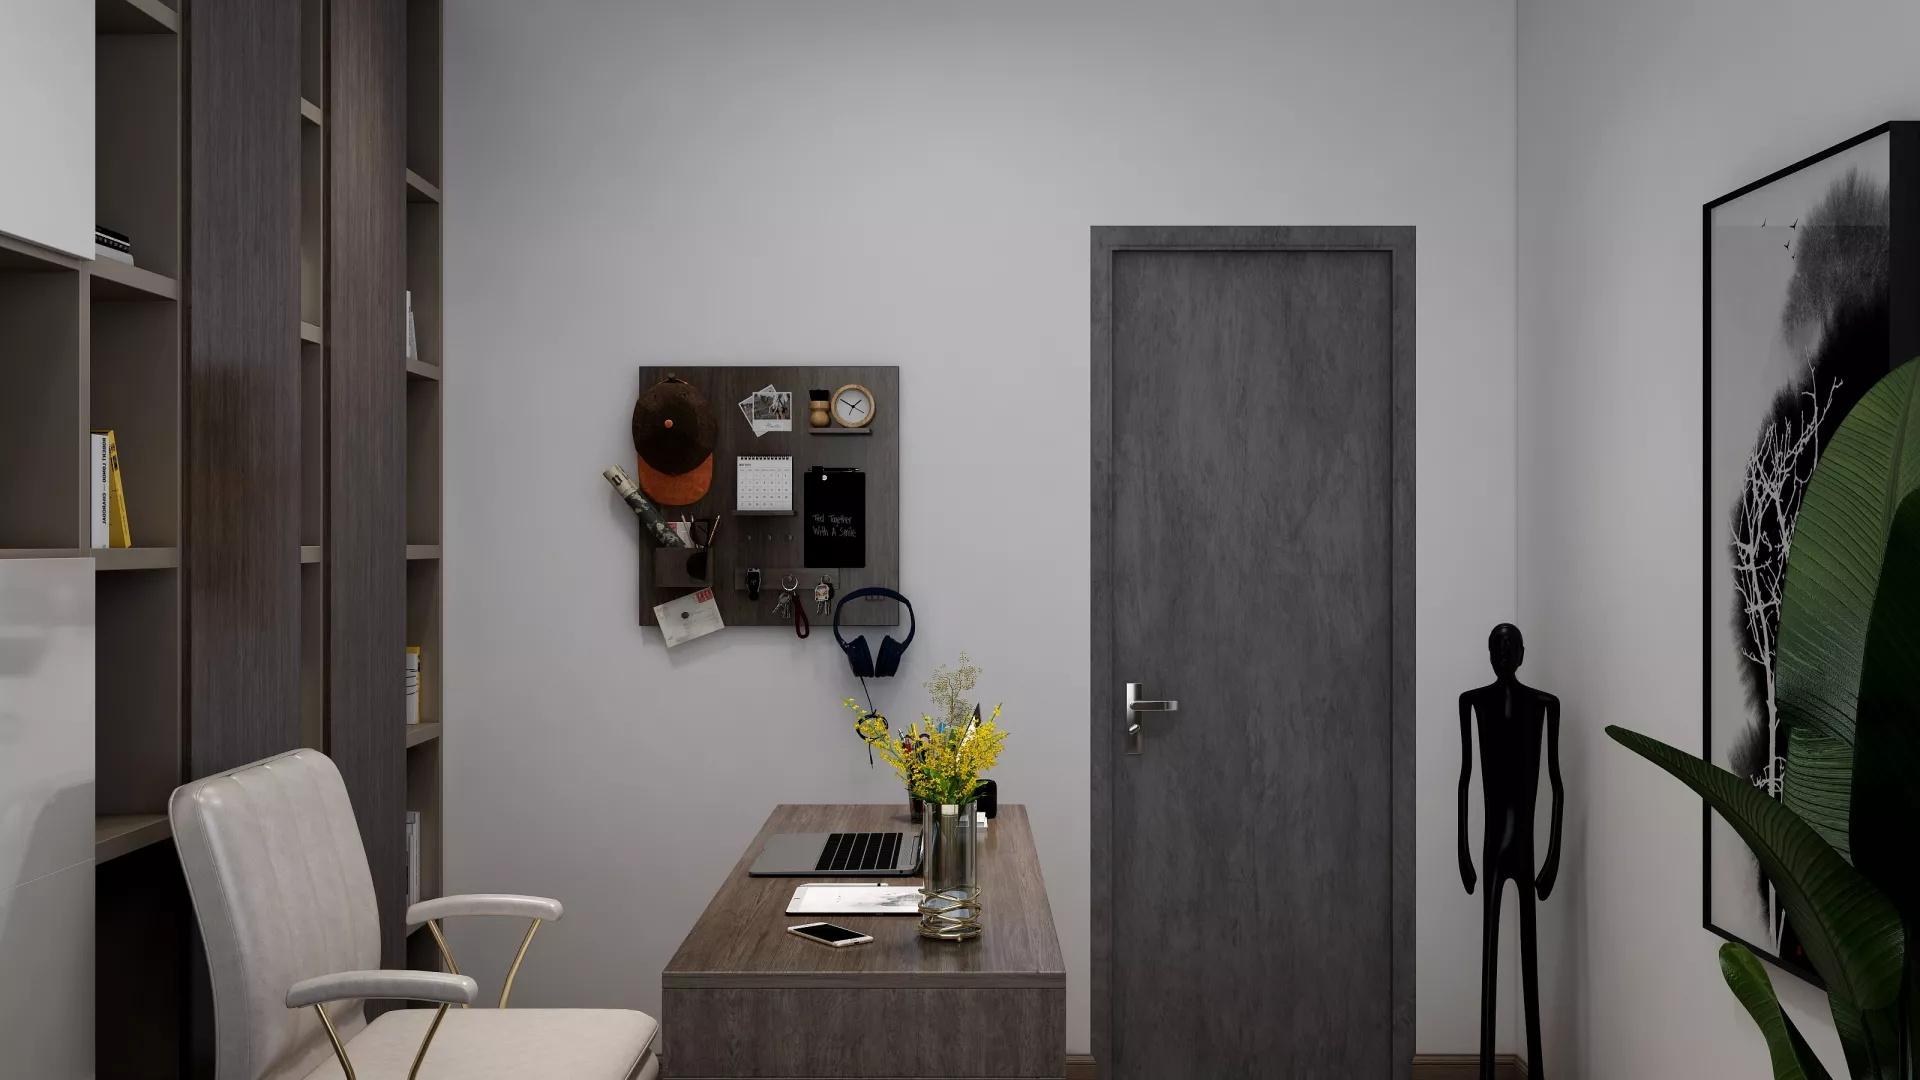 家居老式木门锁指的指的是什么?老式木门锁有哪些?